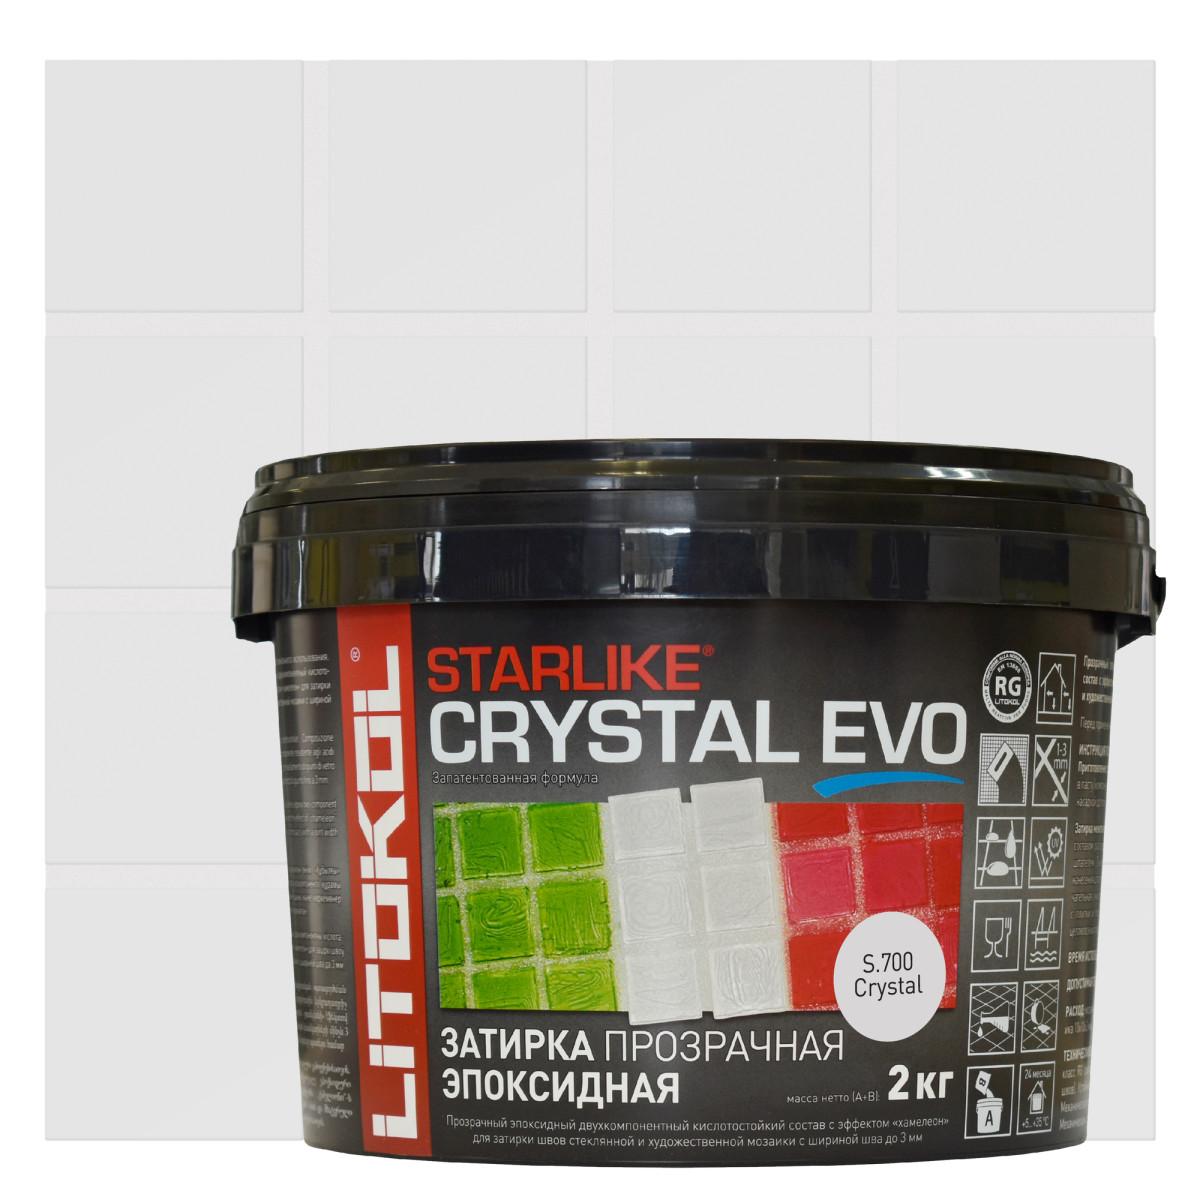 Затирка эпоксидная прозрачная Starlike Evo S700 прозрачная Crystal